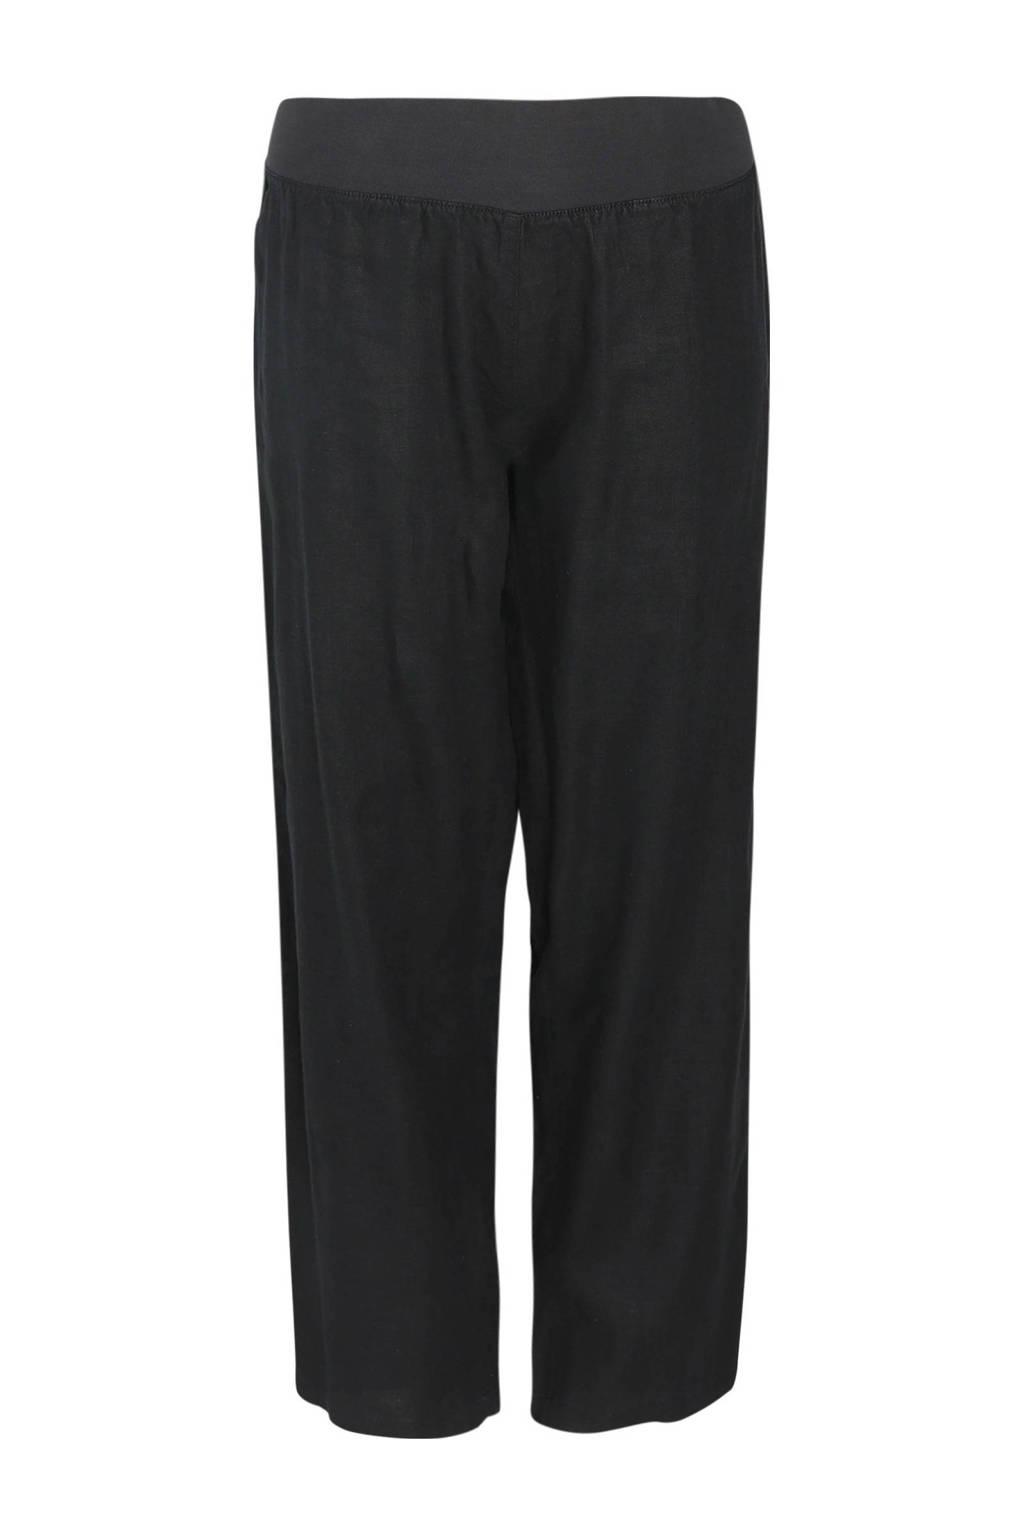 Paprika linnen loose fit broek zwart, Zwart